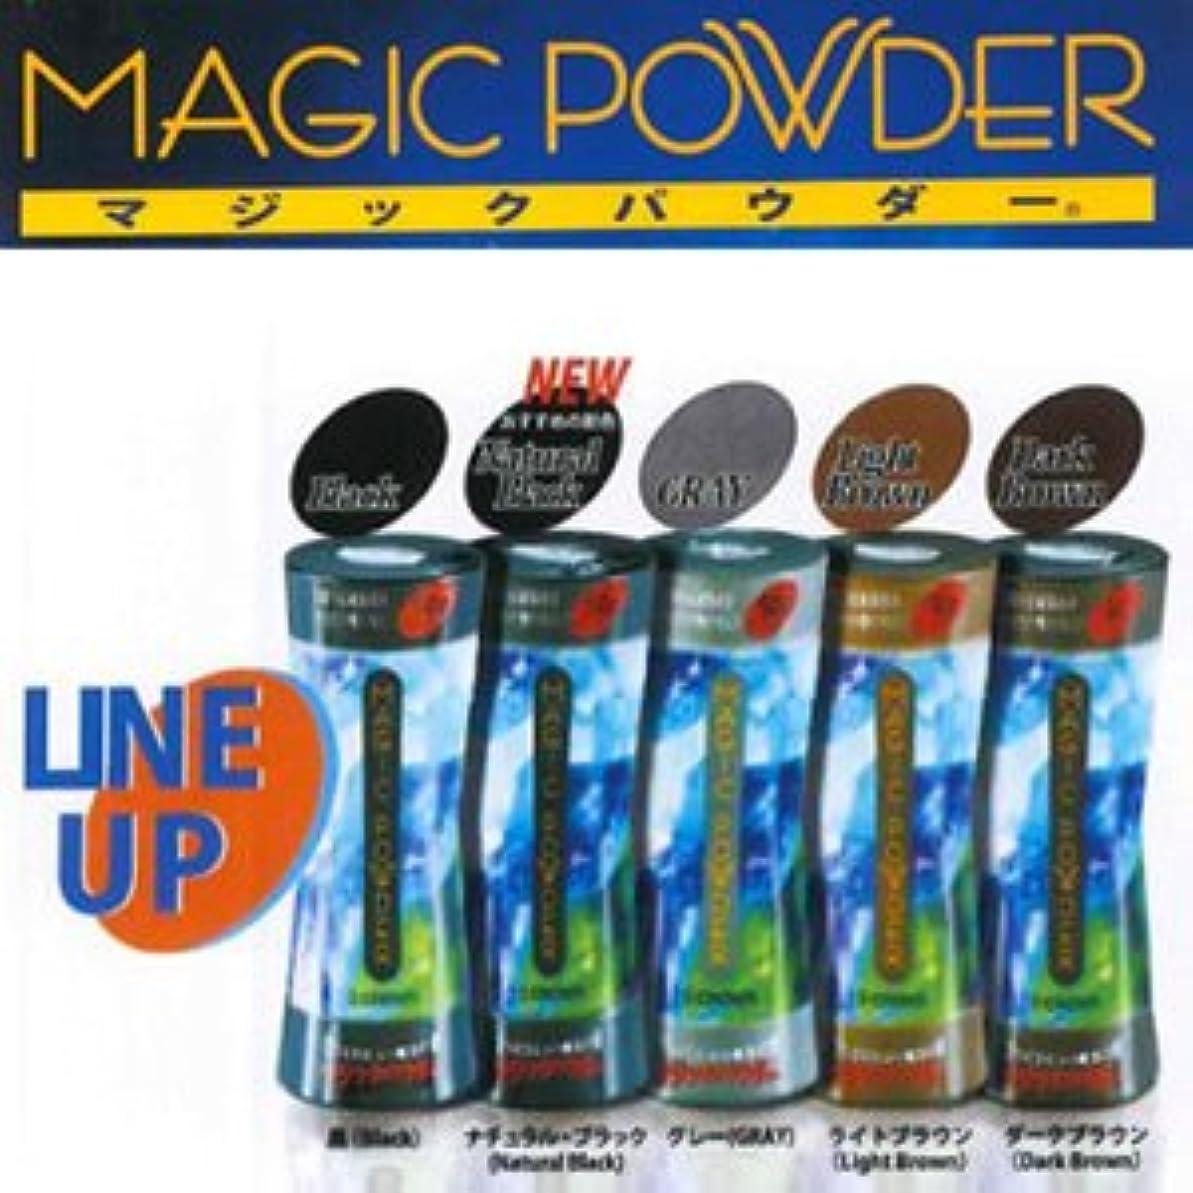 アクロバット順応性のある変成器MAGIC POWDER マジックパウダー ライトブラウン 50g 2個セット ※貴方の髪を簡単ボリュームアップ!